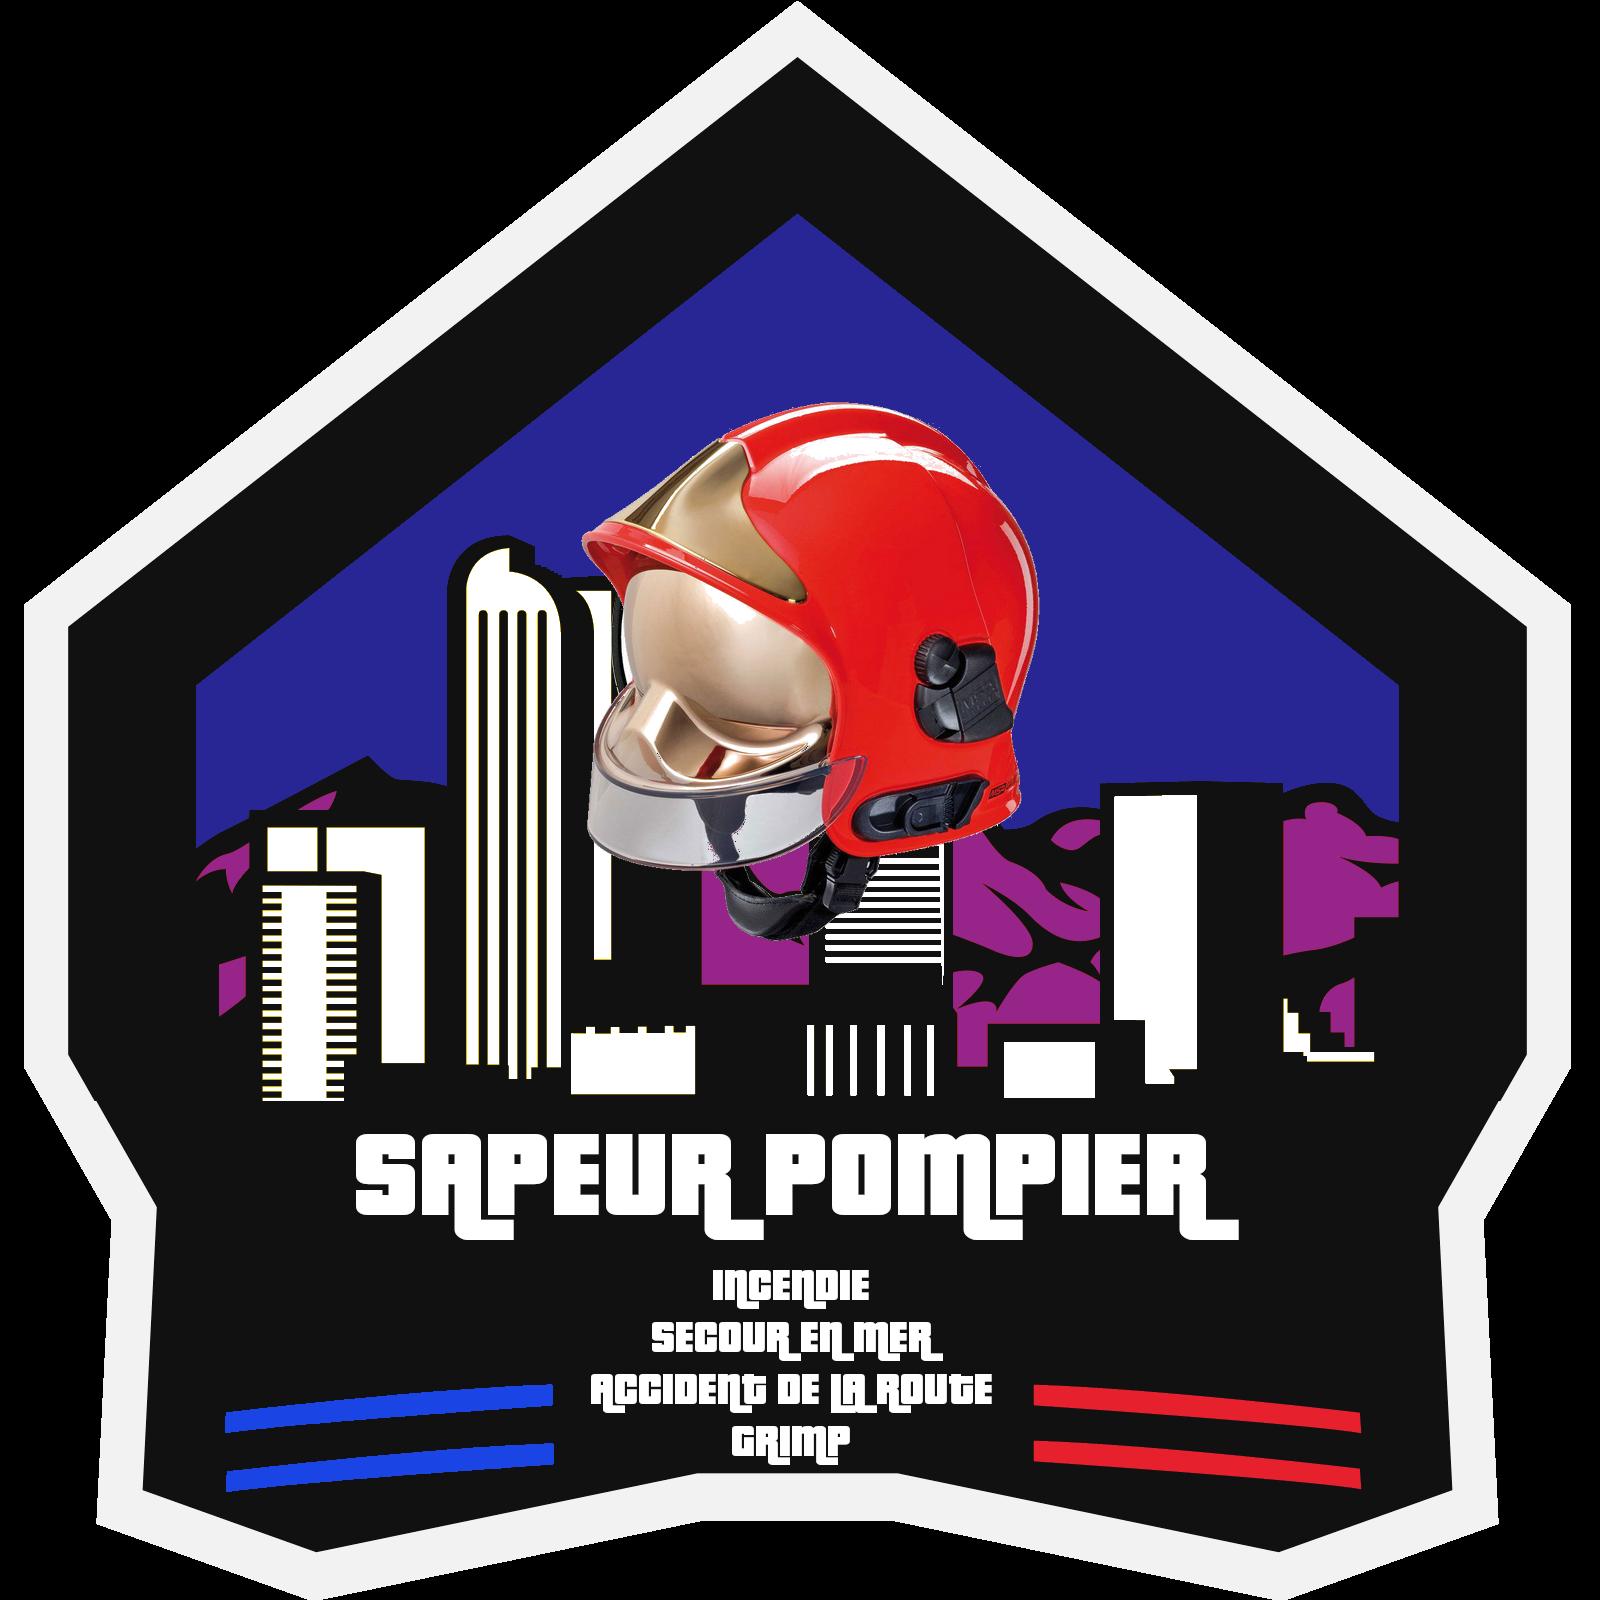 6070f6d0e059c-Logo_pompier_2.png